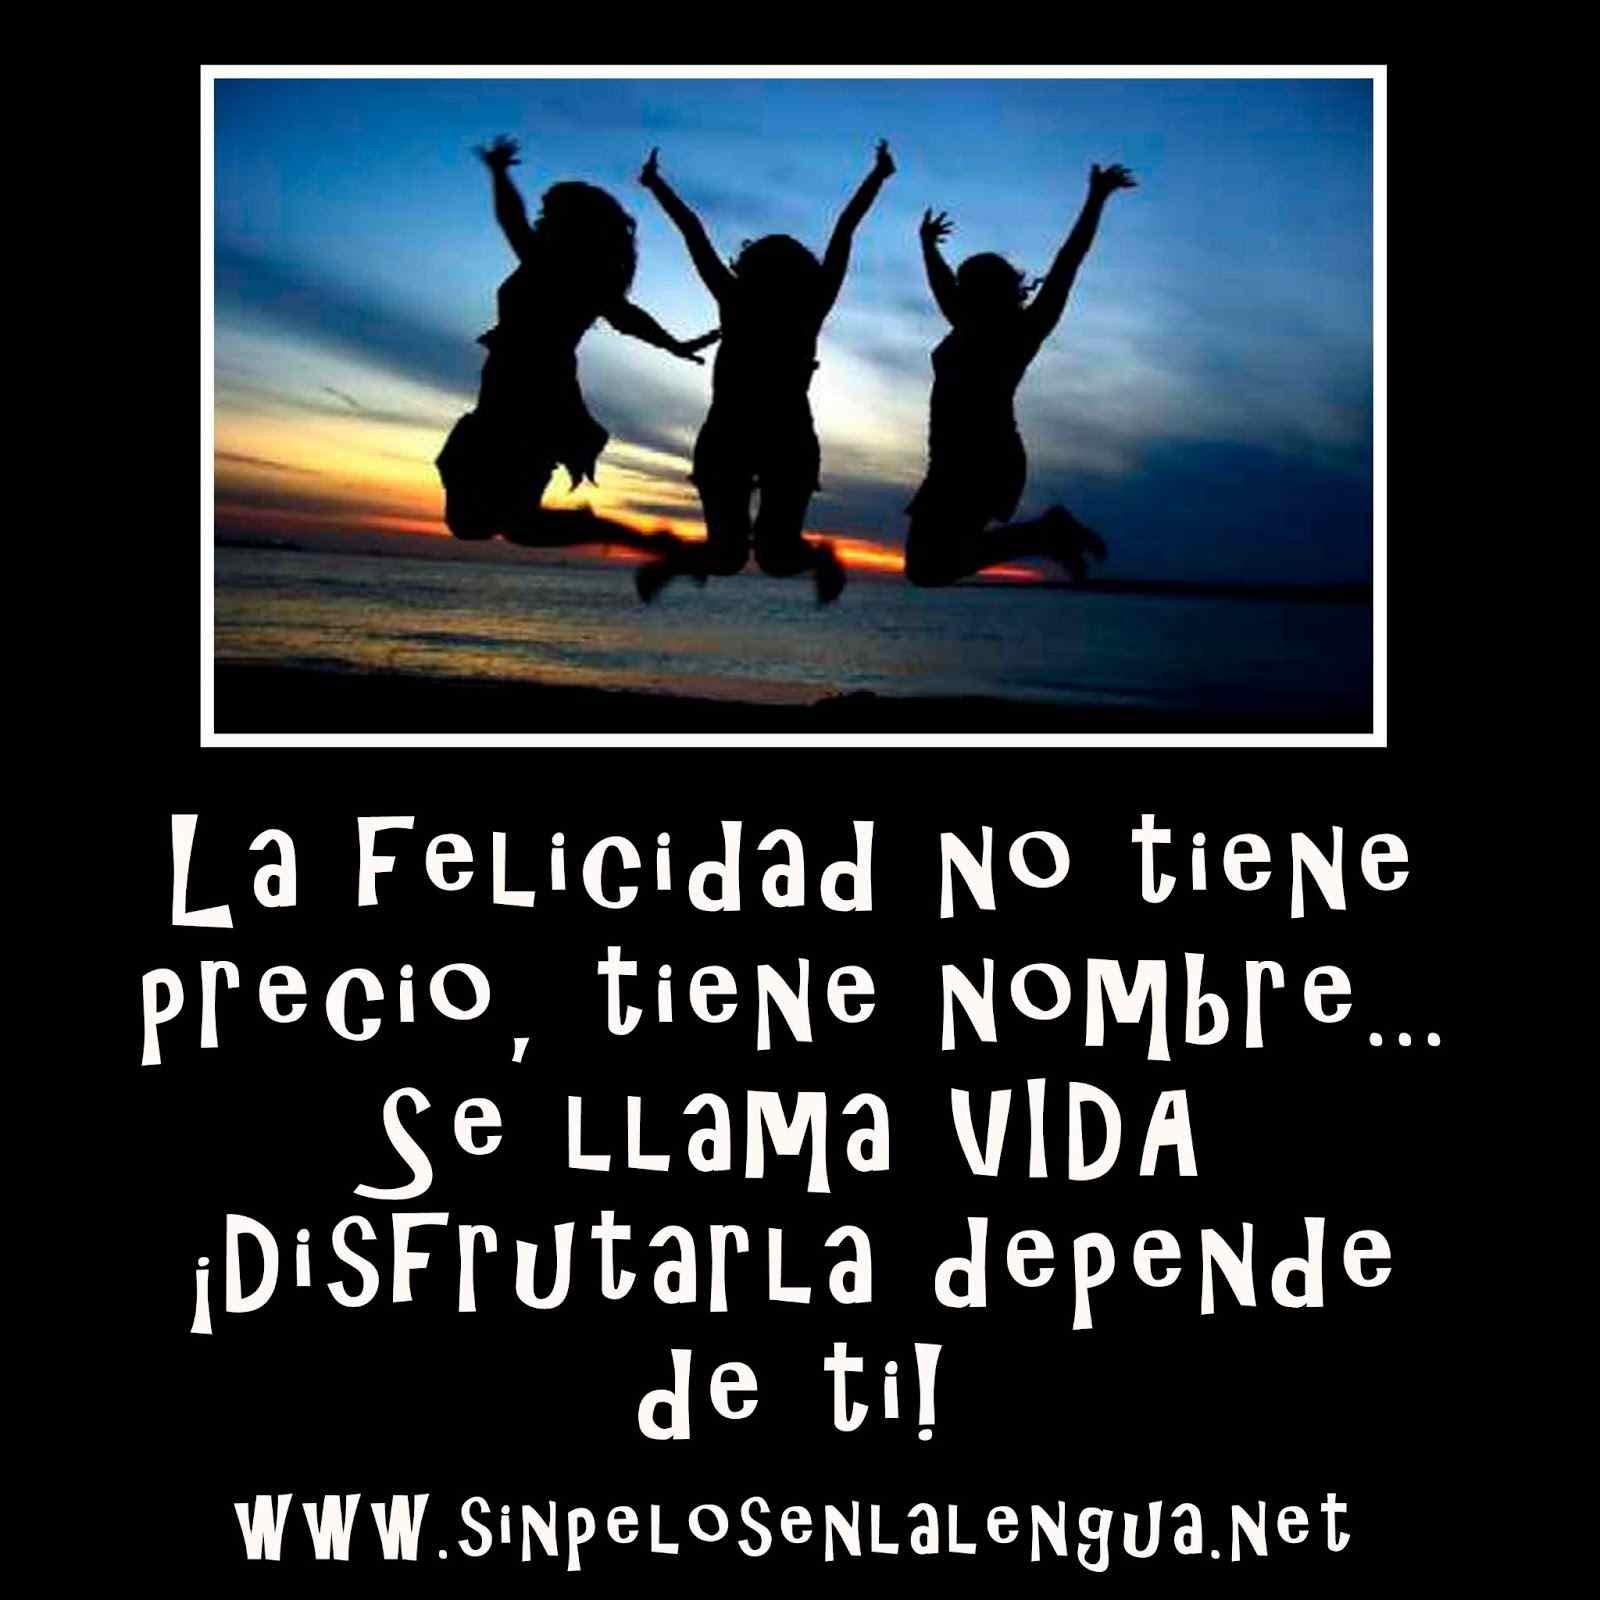 Caracteristicas Felicidad Completa Frases Amor 4 Imagenes Gratis